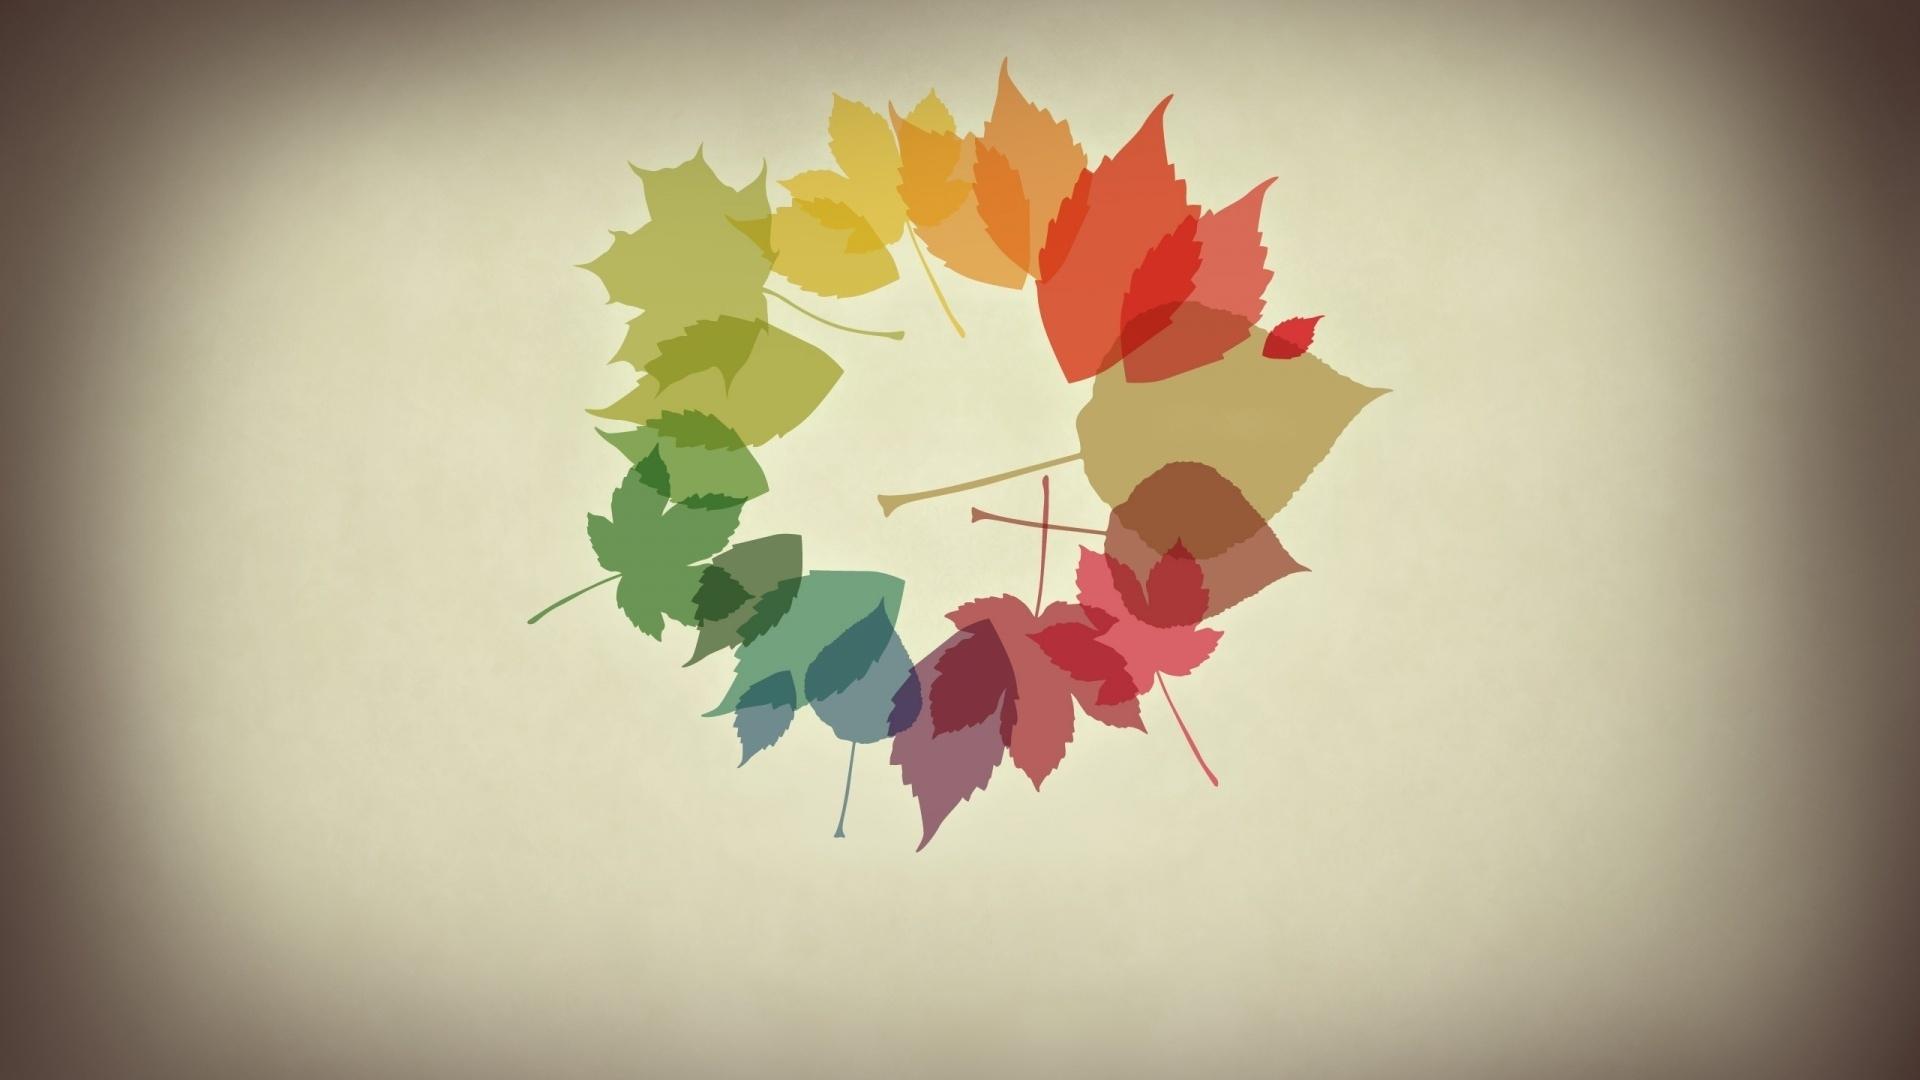 Картинки креативные осень на рабочий стол, пнг